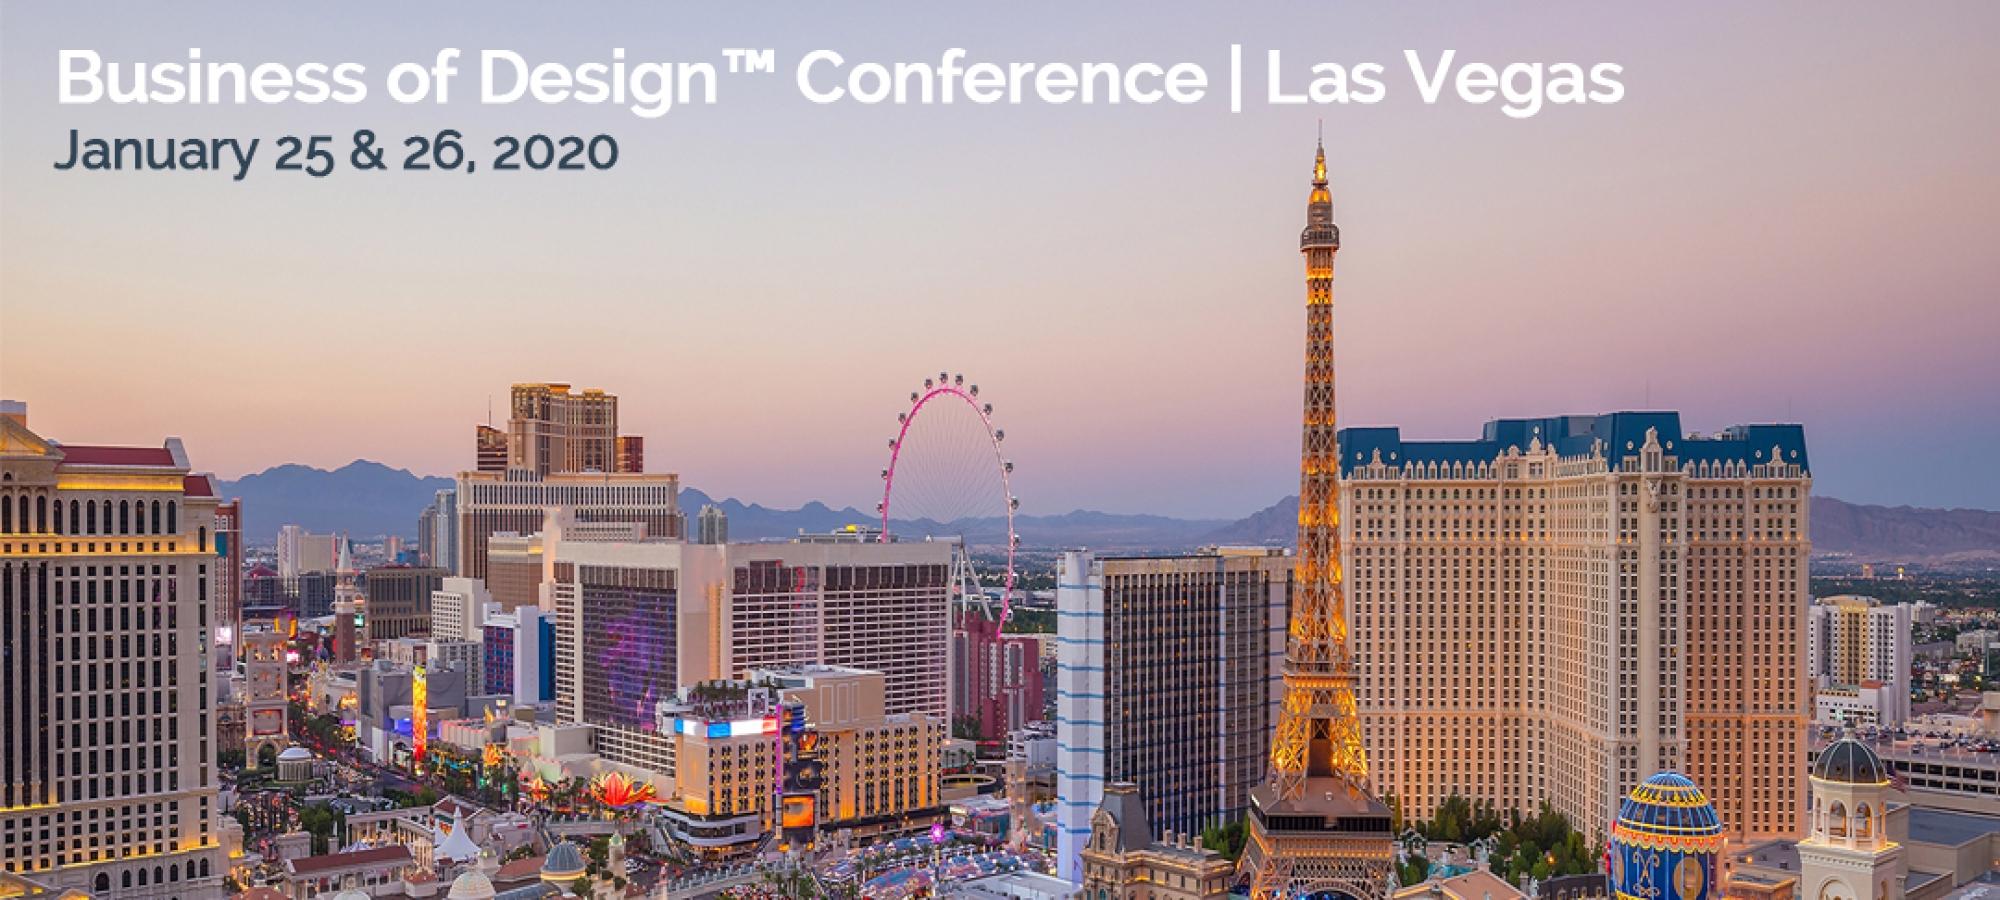 Conference_Slide